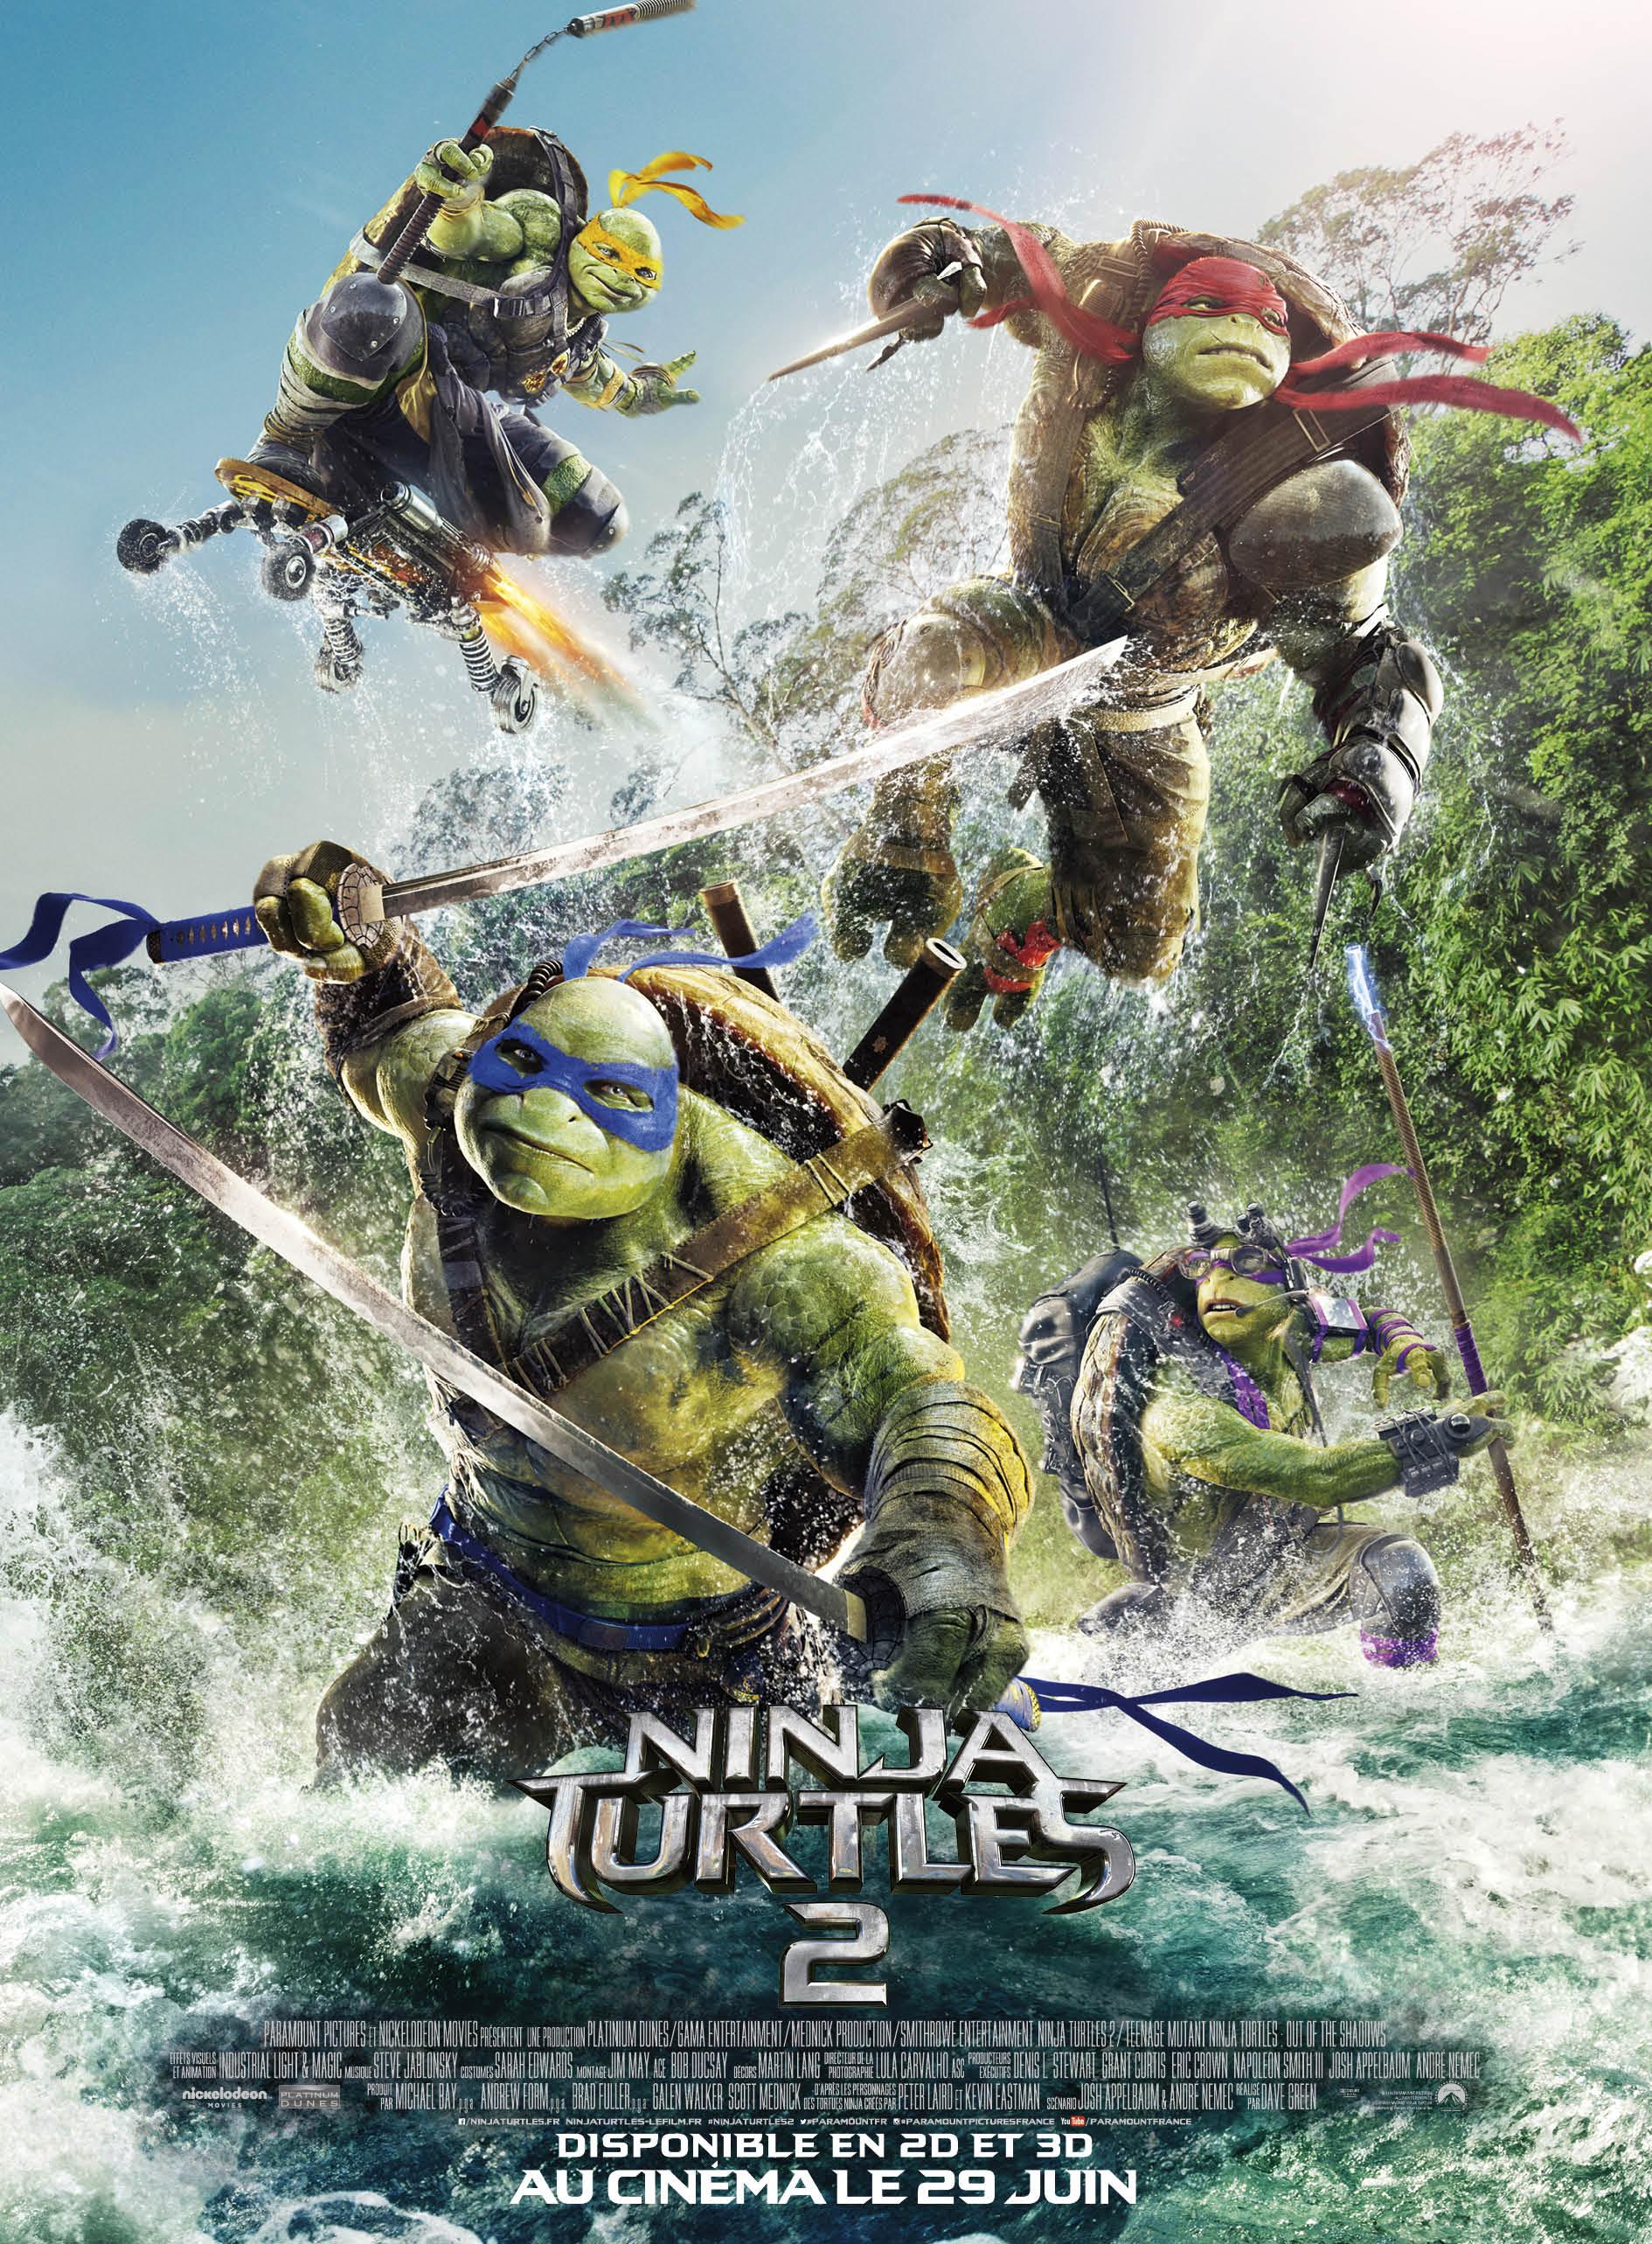 Ninja Turtles 2 ddl